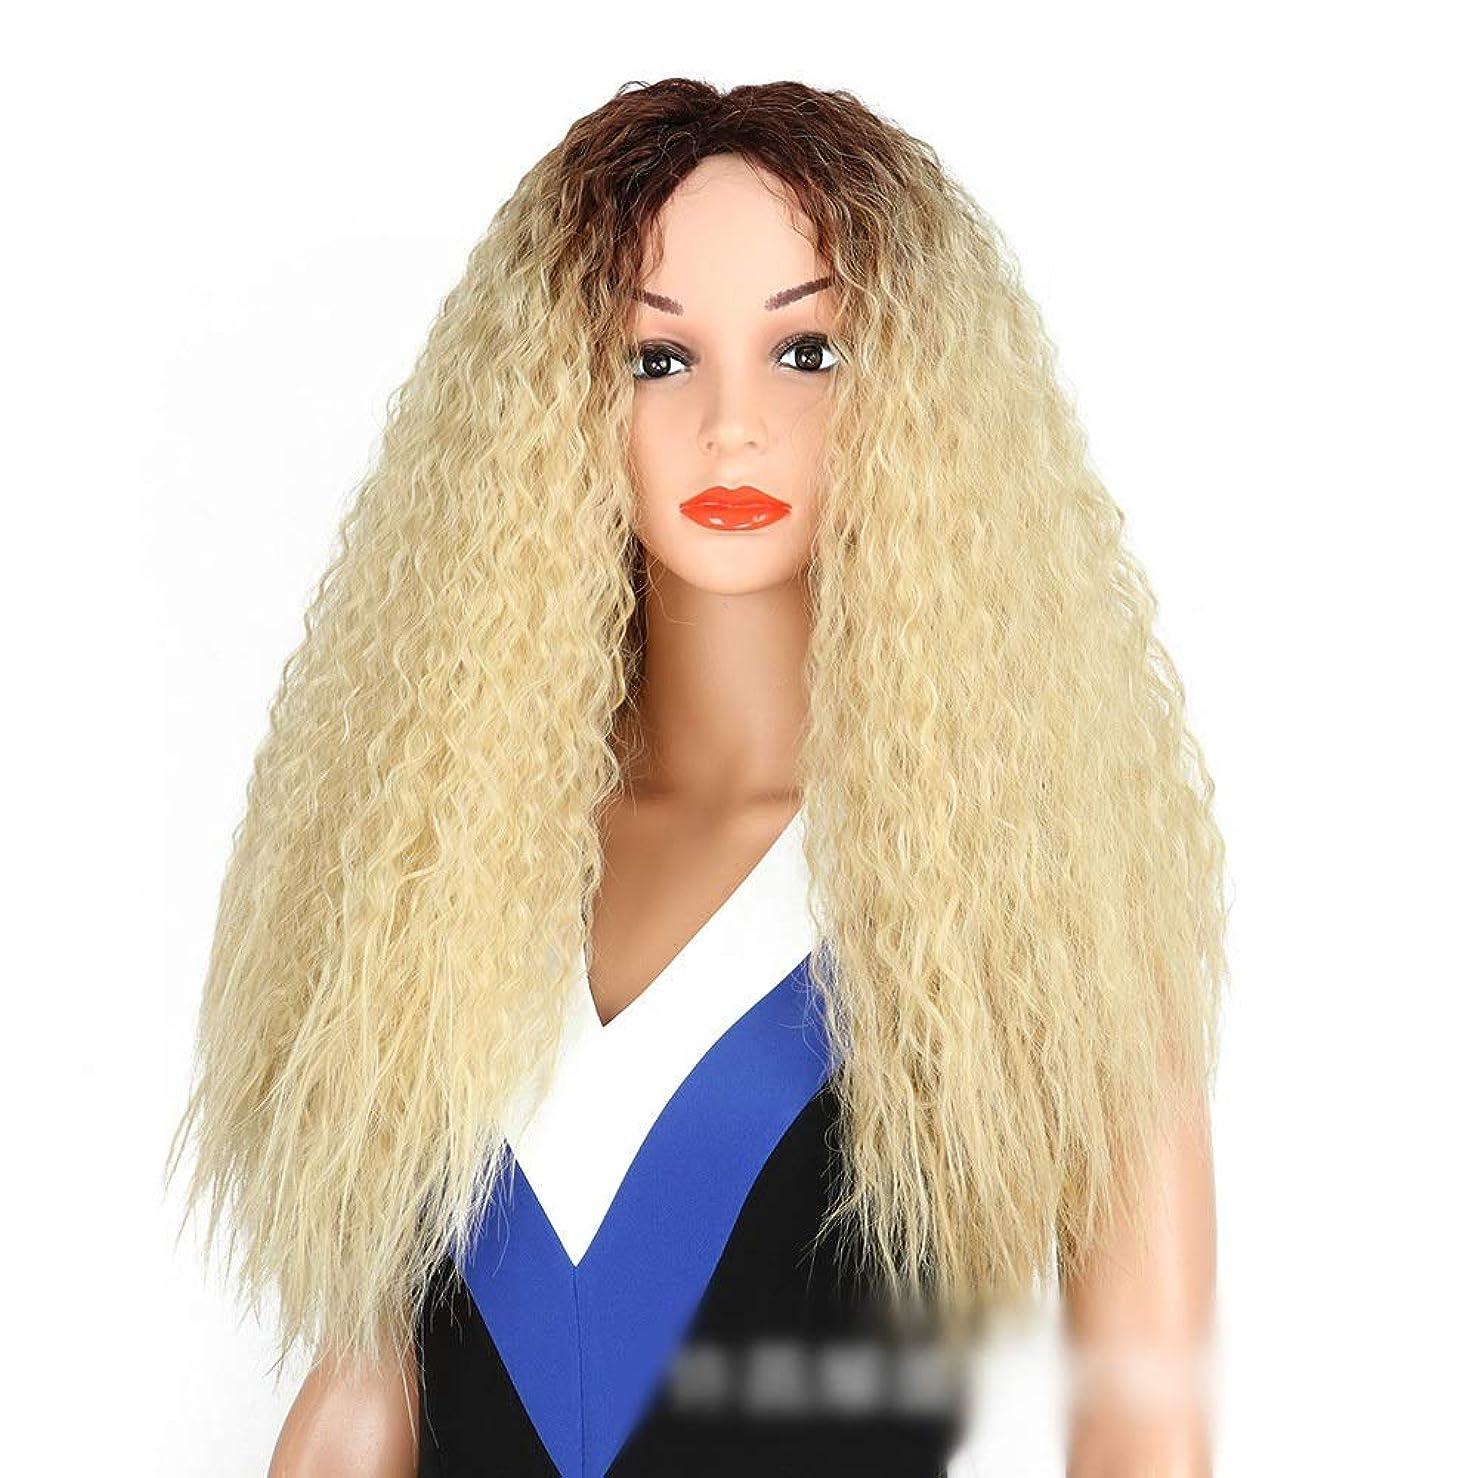 微弱指導する苦しむHOHYLLYA 女性のブロンドのダークルーツのトウモロコシの熱い髪の爆発ヘッドロングカーリーウィッグ耐熱ファイバーパーティーウィッグ (色 : Blonde)